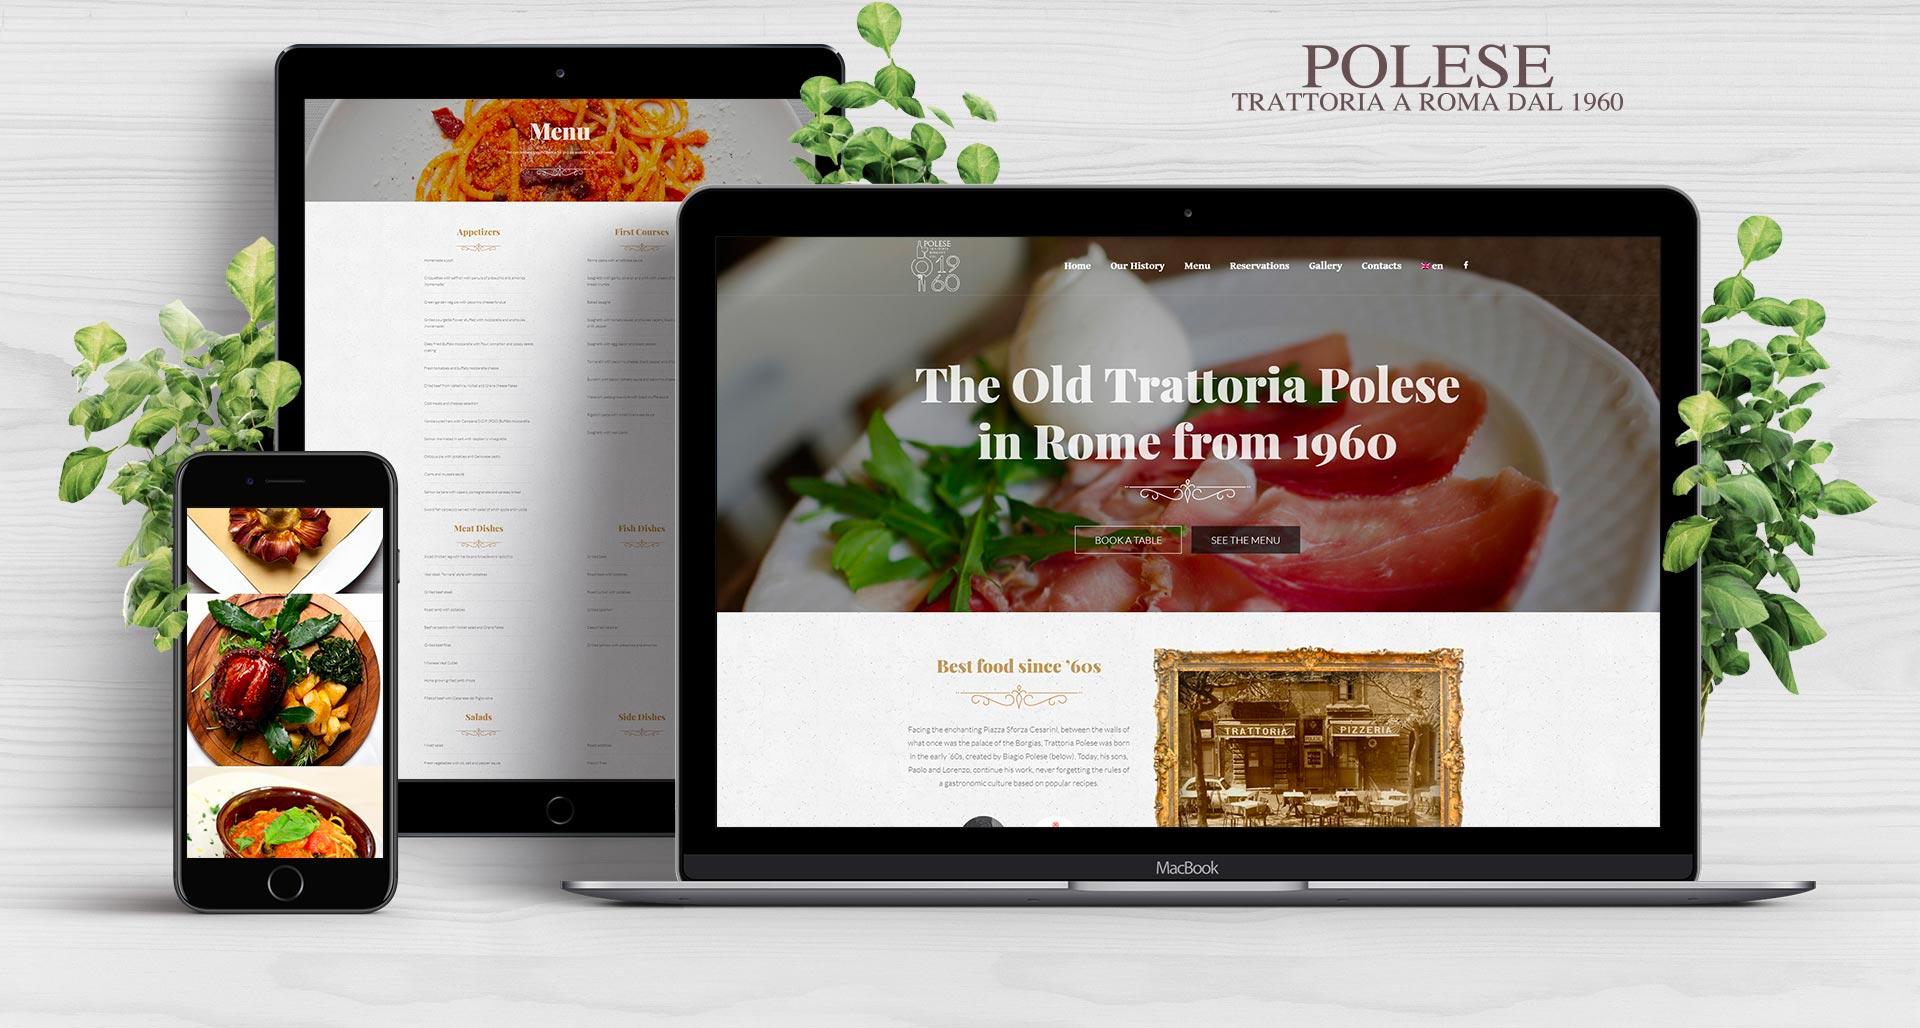 Trattoria Polese Web Identity // Fabiano Bortolami